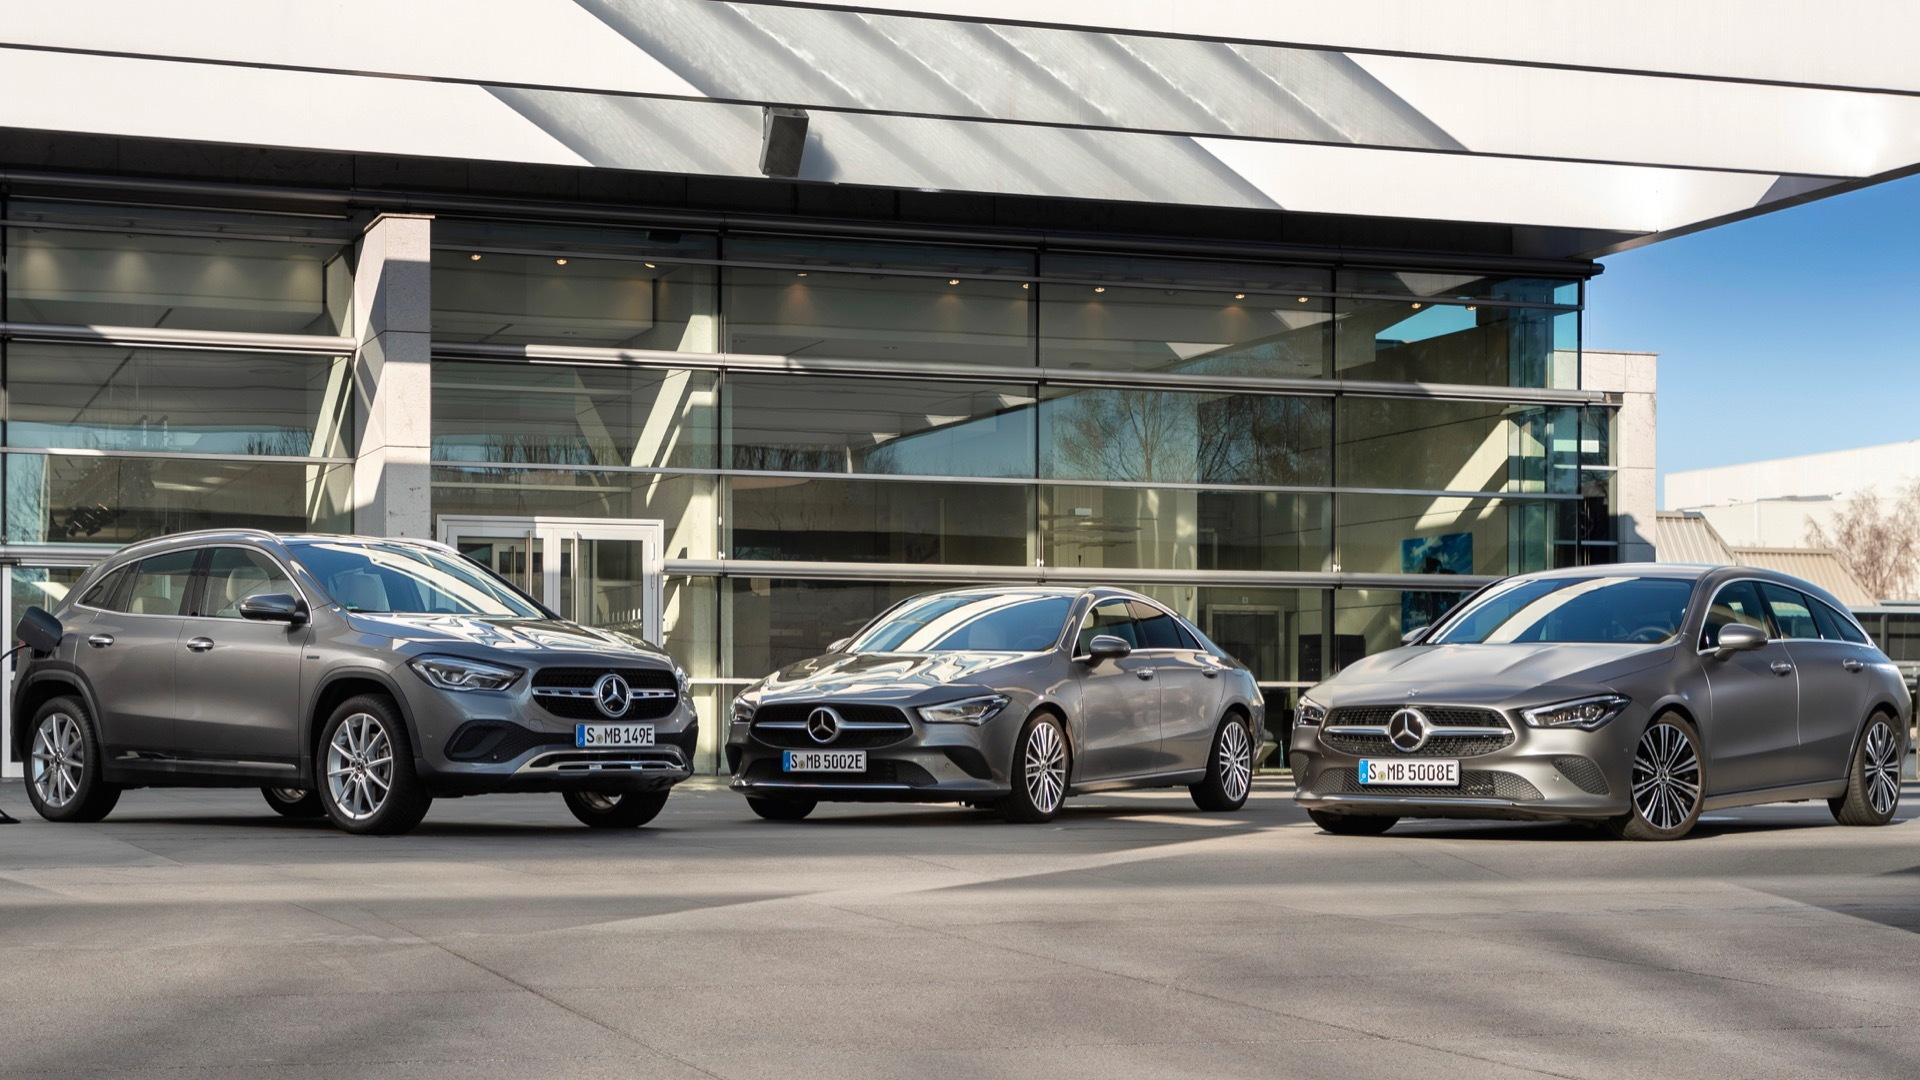 Mercedes-Benz GLA250e, CLA250e, and CLA250e Shooting Brake